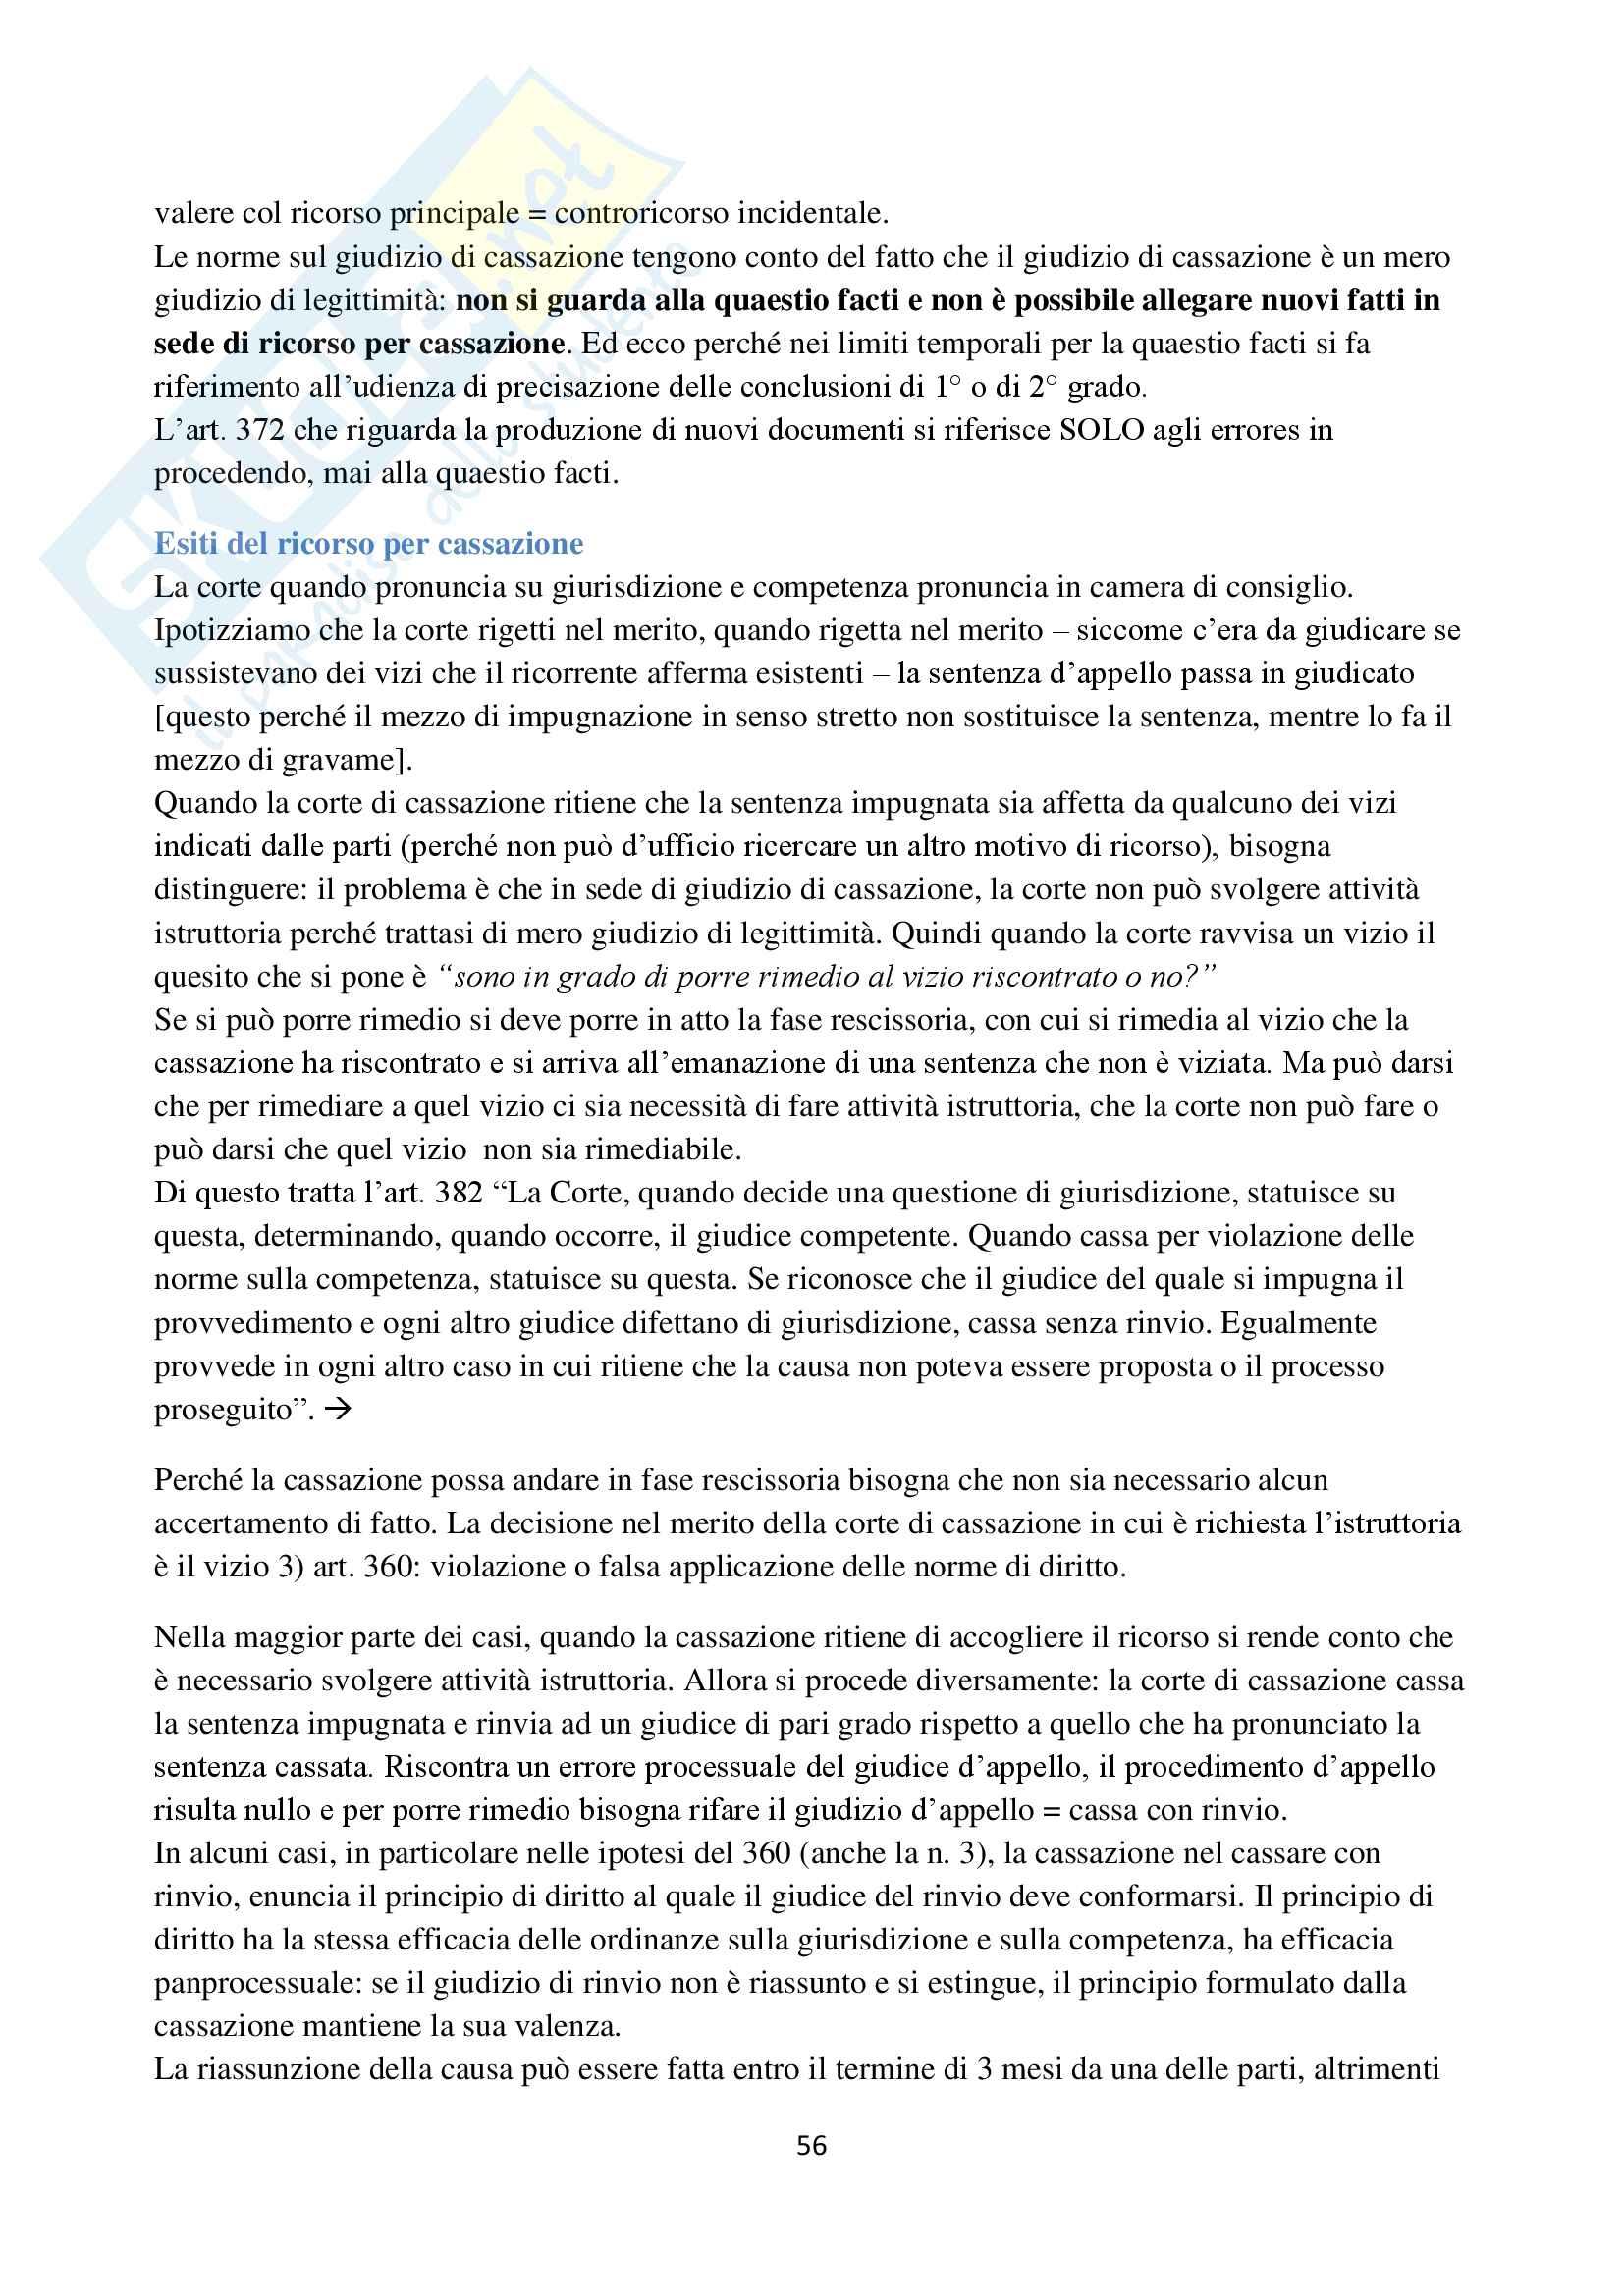 Appunti di Procedura Civile I D'Alessandro per esoneri. Unito Pag. 56